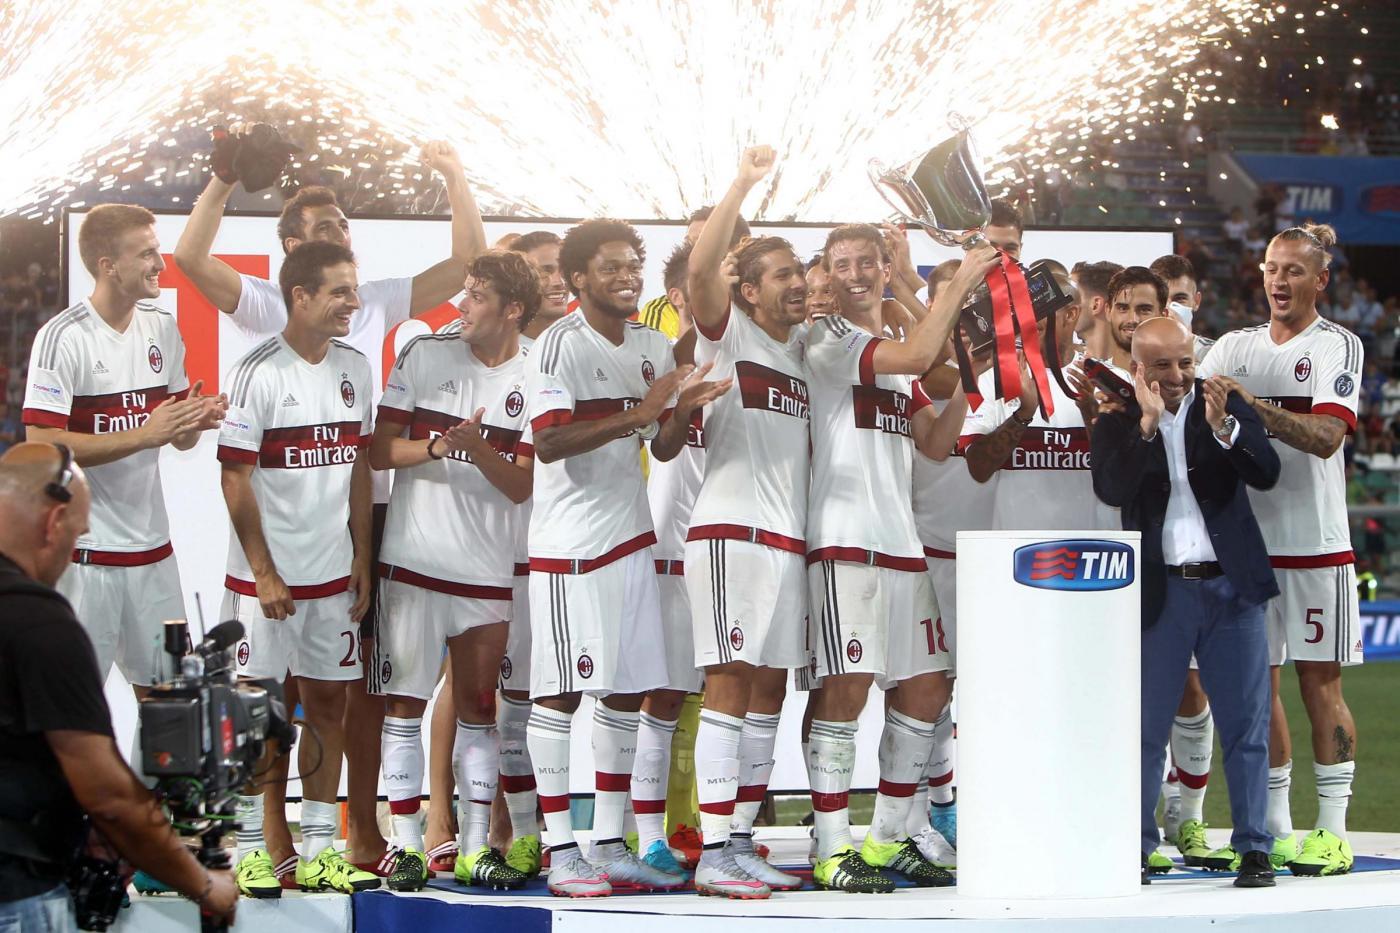 Trofeo TIM 2015 al Milan, secondo il Sassuolo, Inter doppia sconfitta